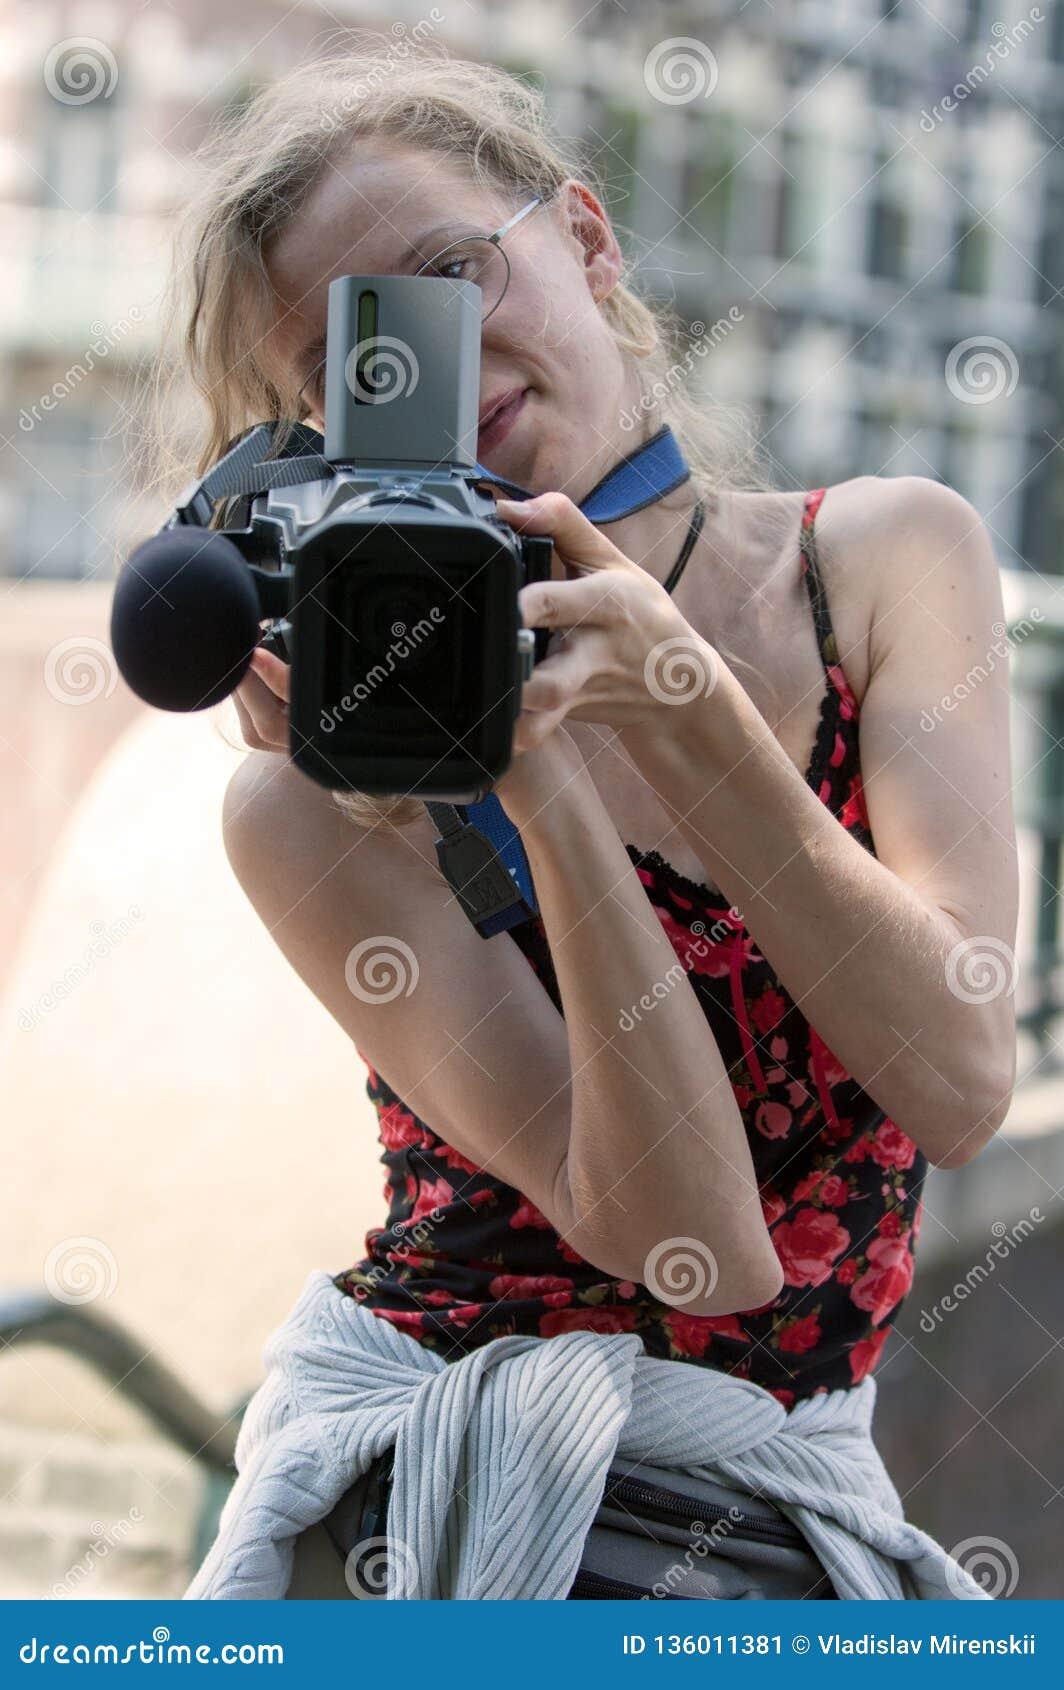 Πορτρέτο ενός κοριτσιού με βιντεοκάμερα